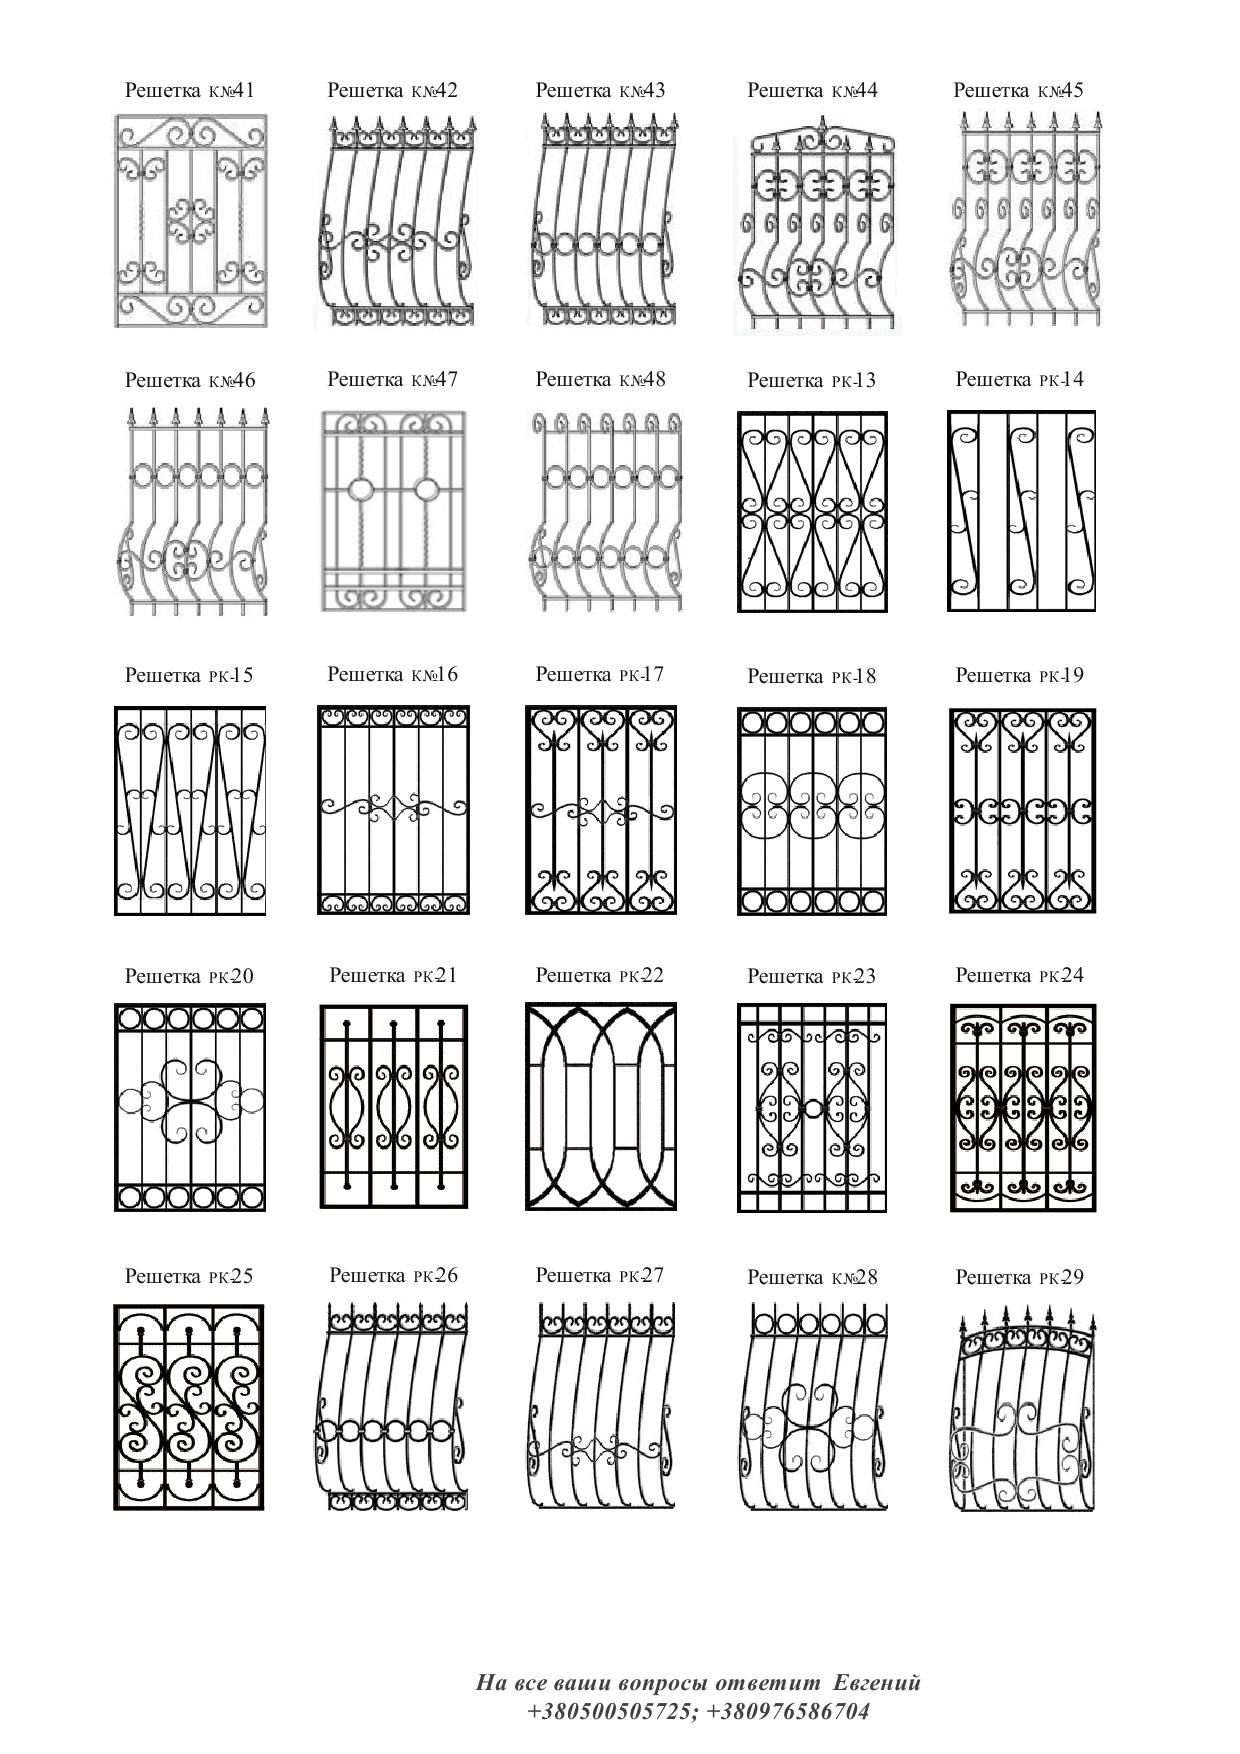 каталоги металлических решетки